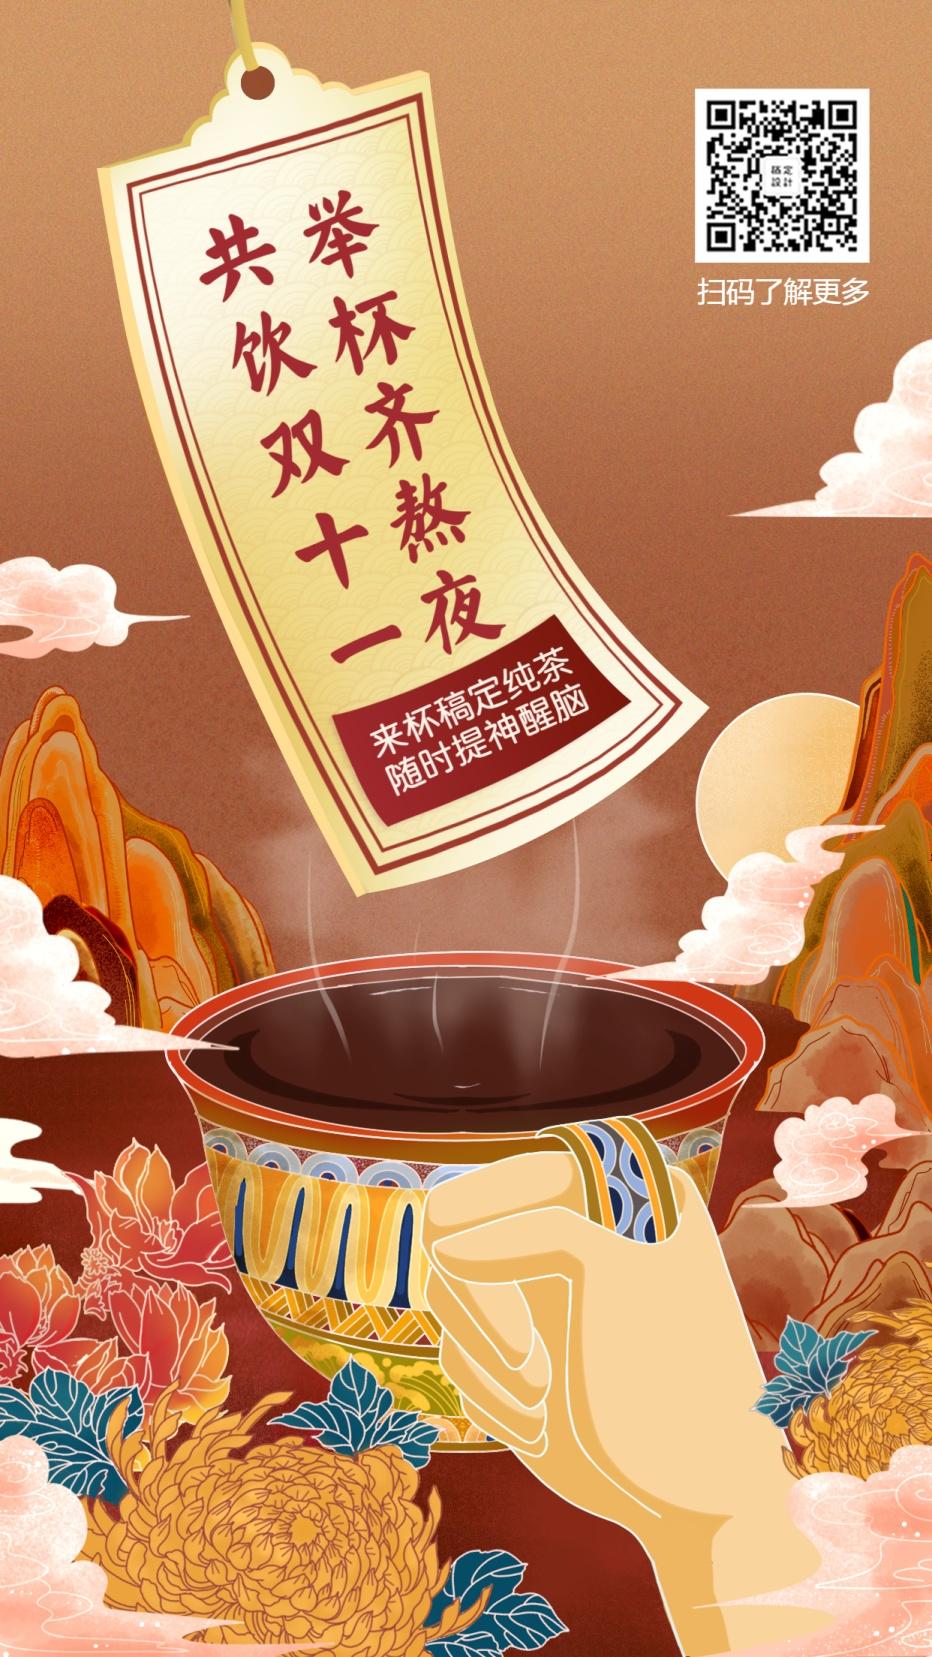 双十一饮品/餐饮美食/手绘中国风/手机海报